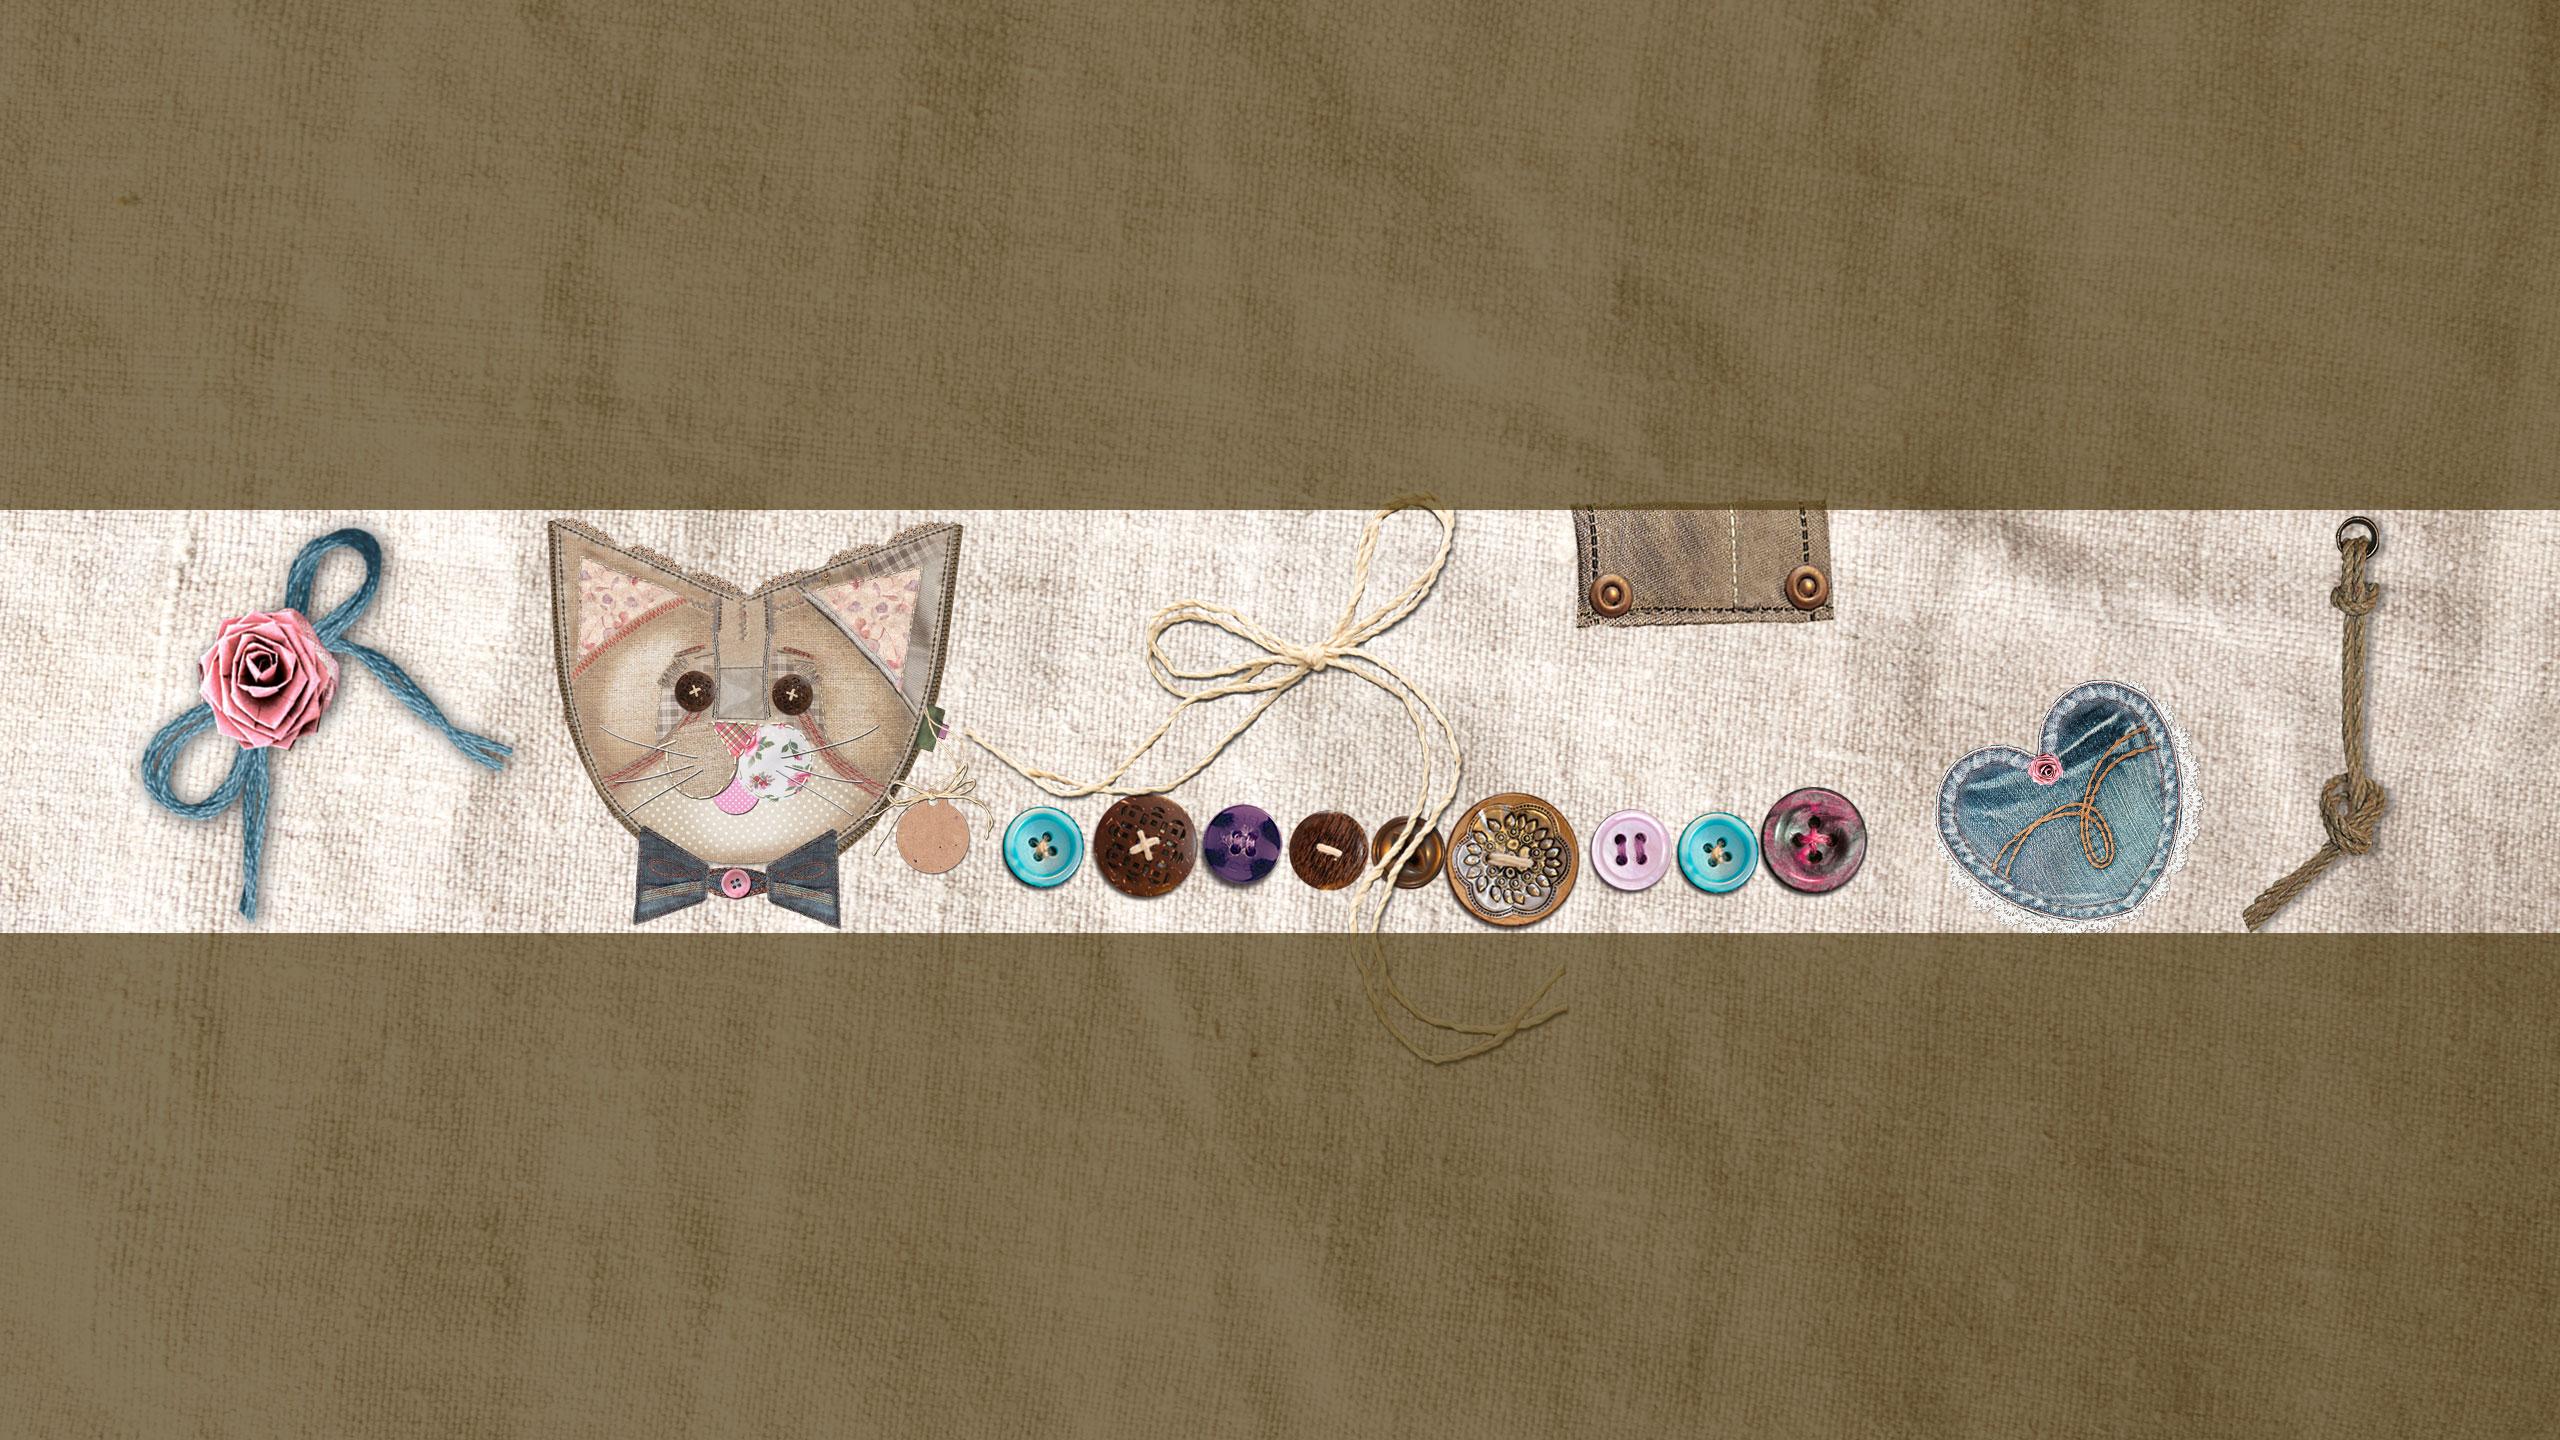 Картинка для фона на ютуб с мордой кошки и пуговицами.